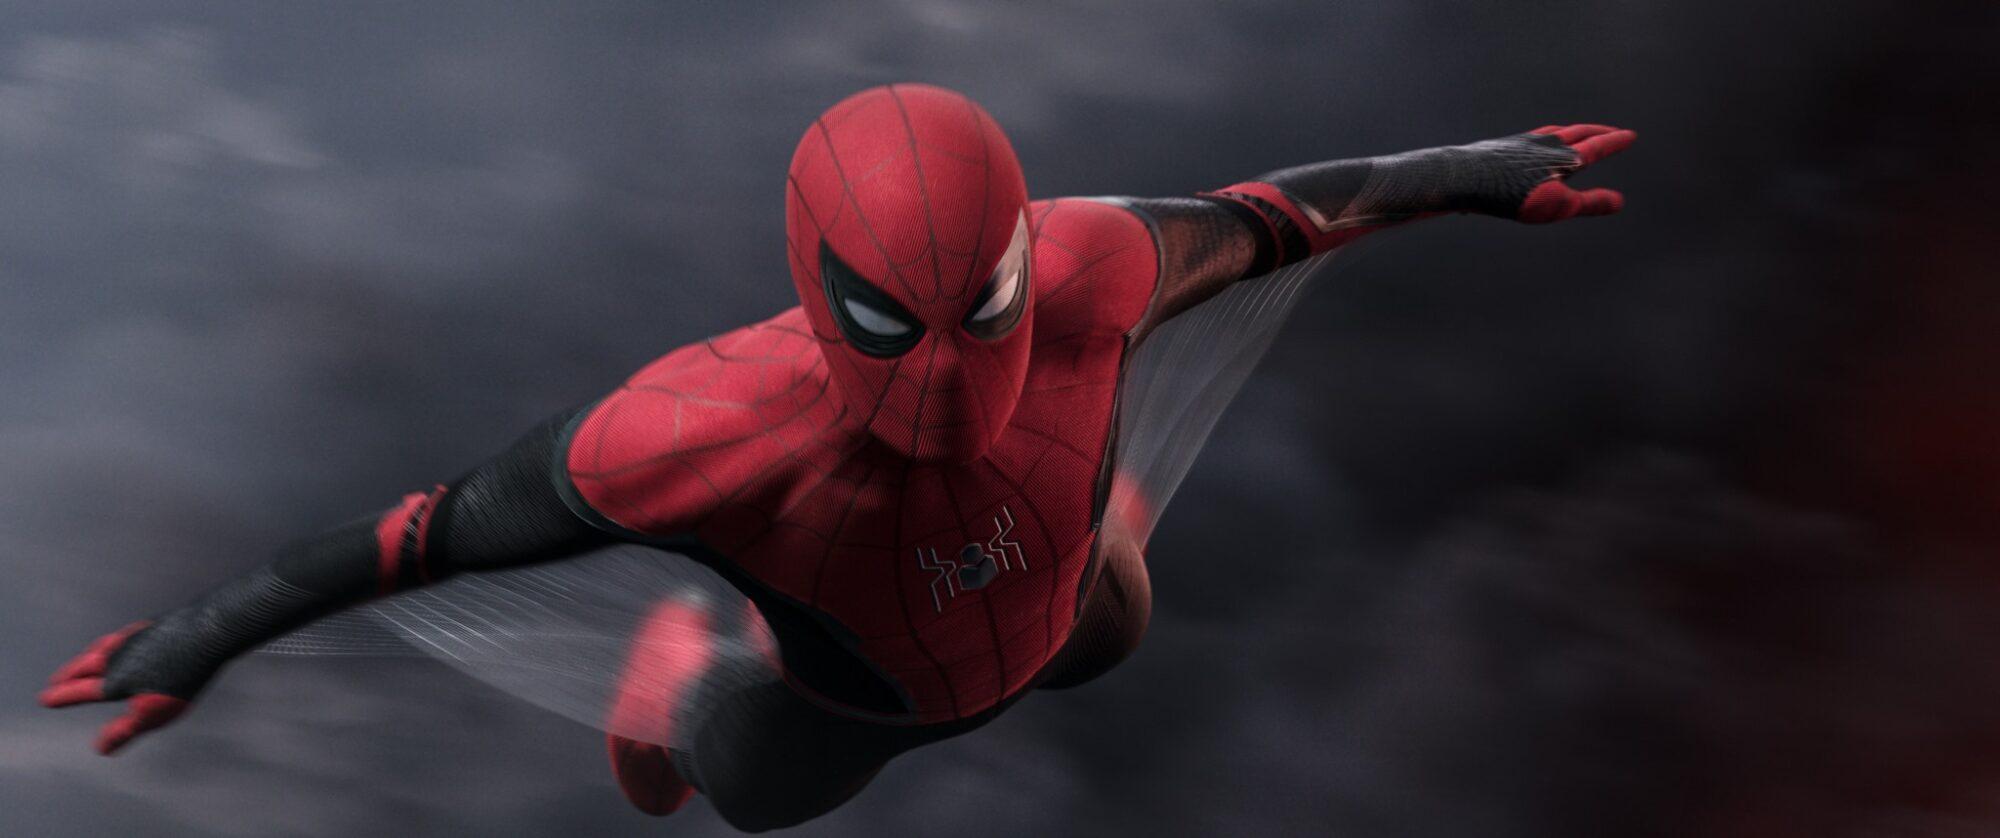 Spider-Man è tornato nel MCU? Un sito risponde a questa domanda thumbnail